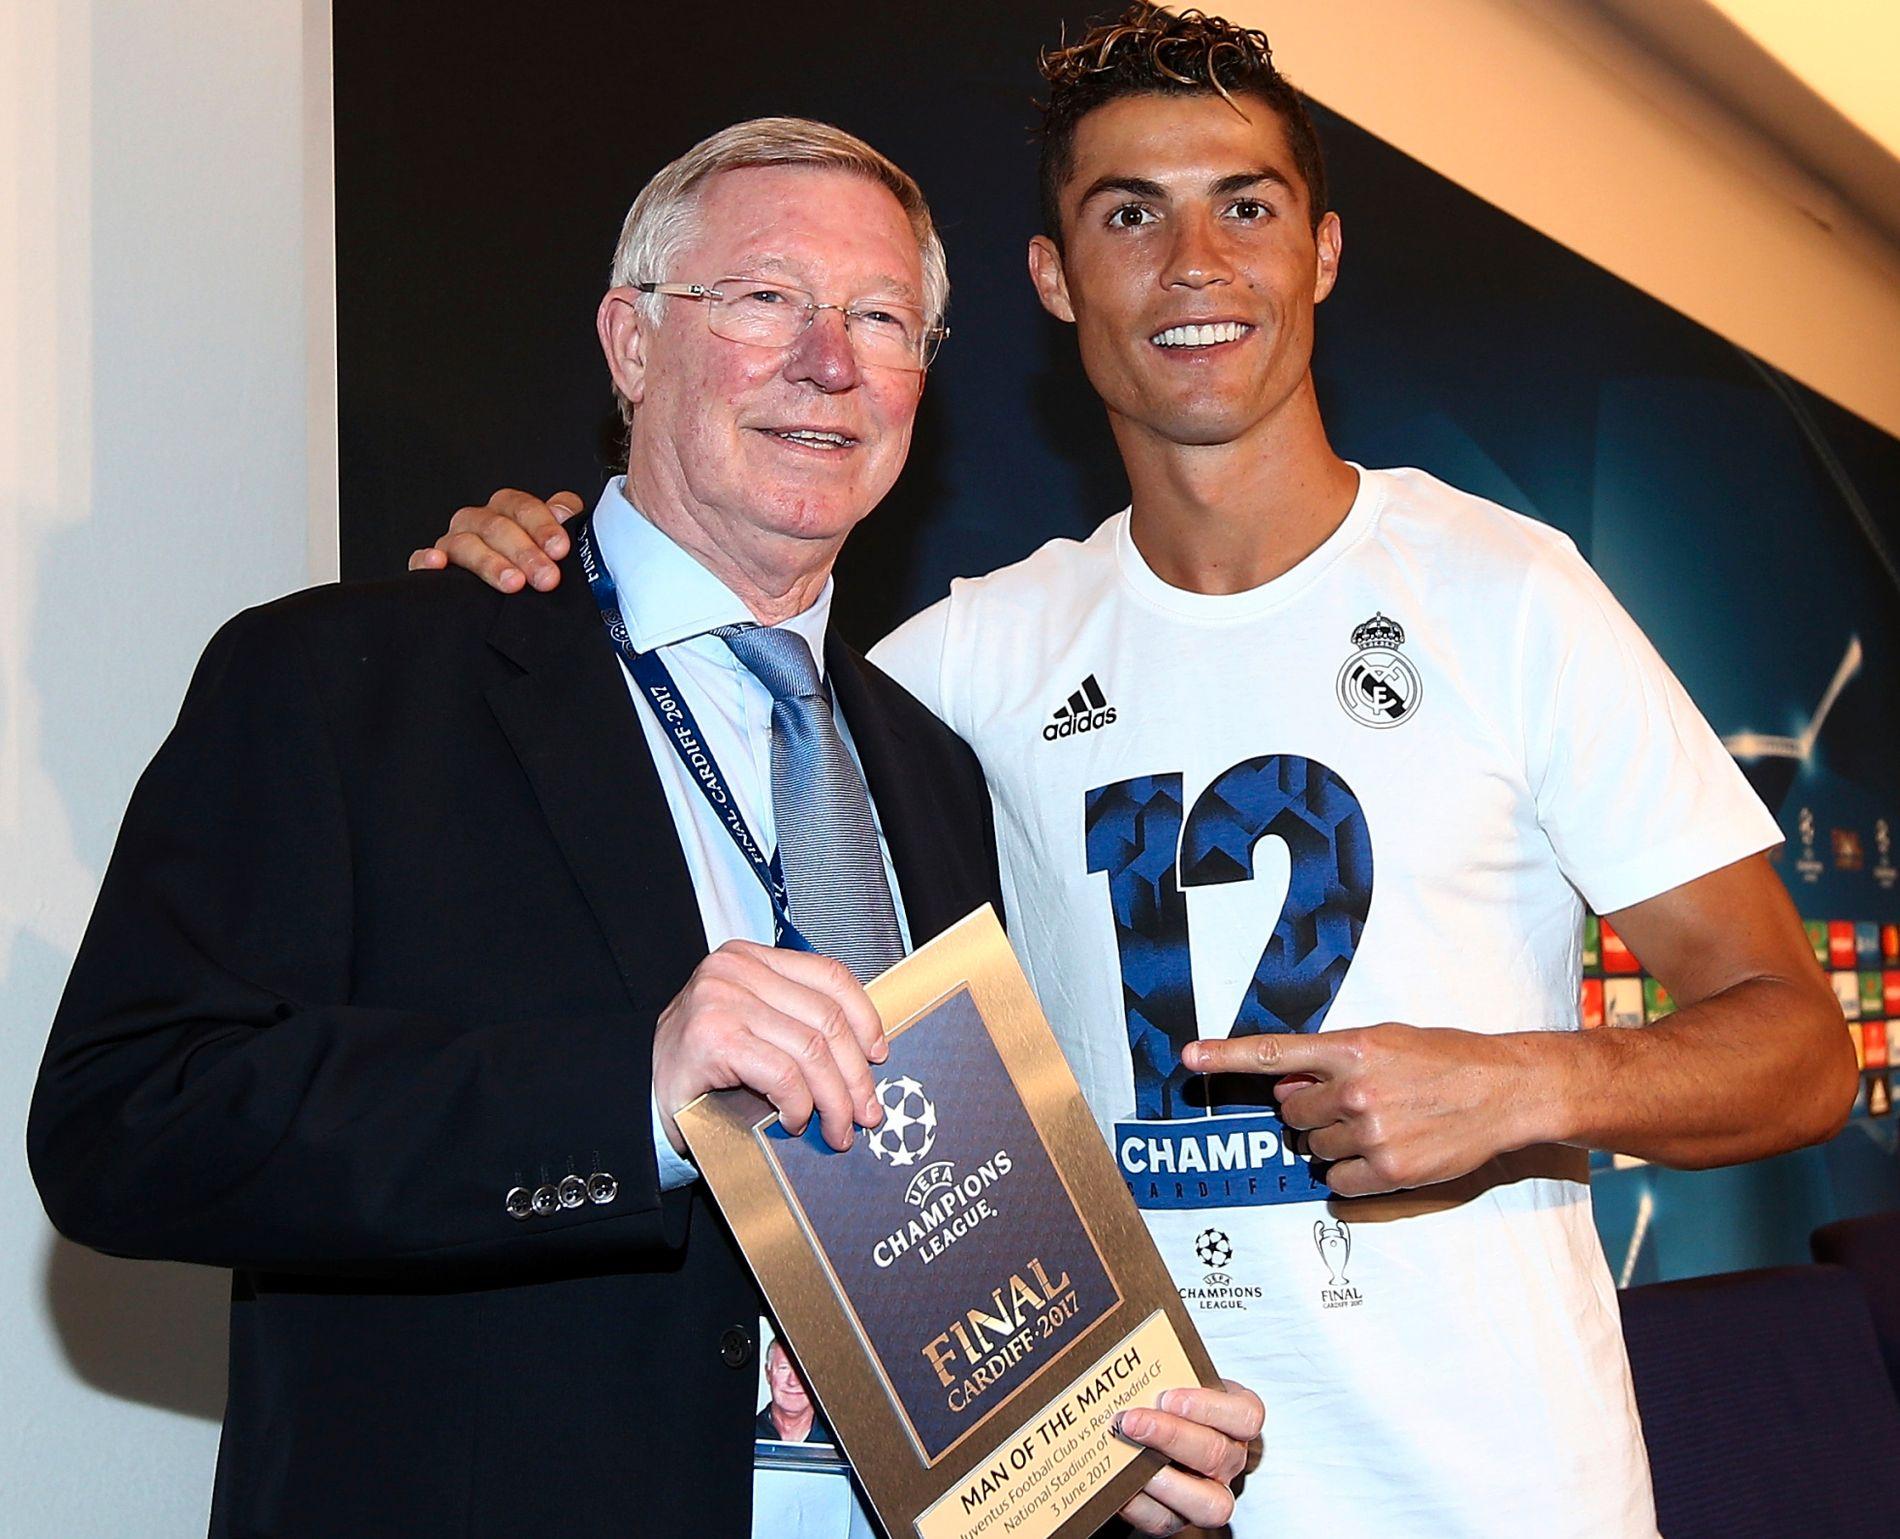 GODT FORHOLD: Sir Alex Ferguson og Cristiano Ronaldo, her etter forrige sesongs Champions League-finale.